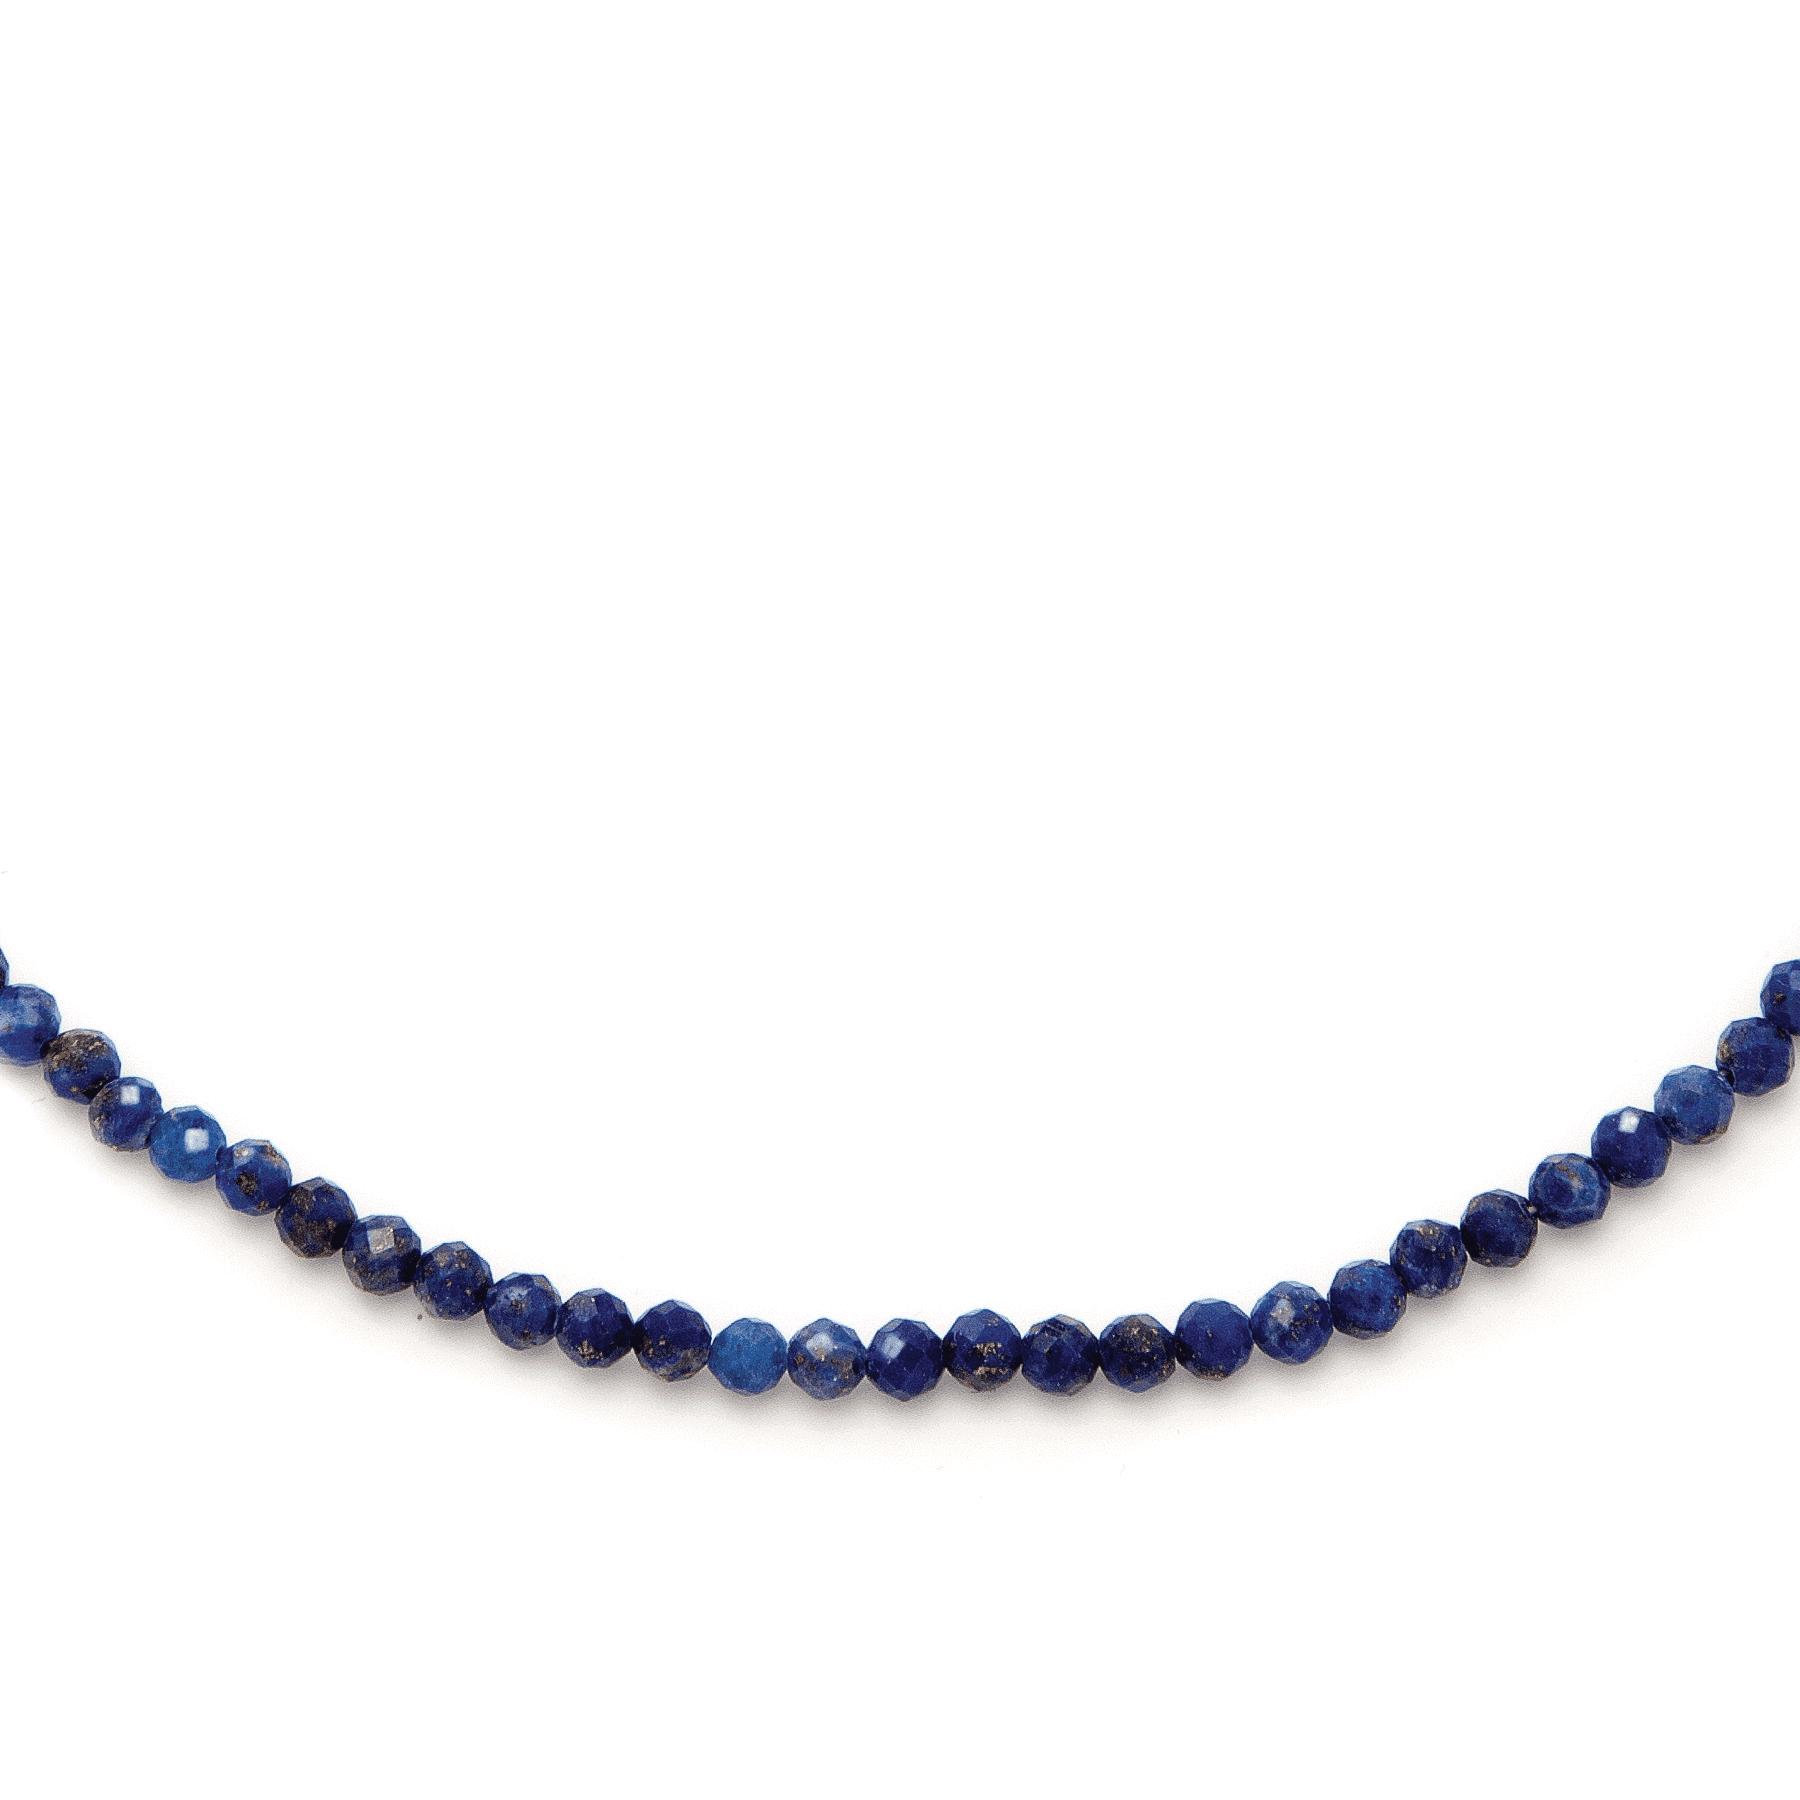 Naszyjnik z lapis lazuli na jasnym tle